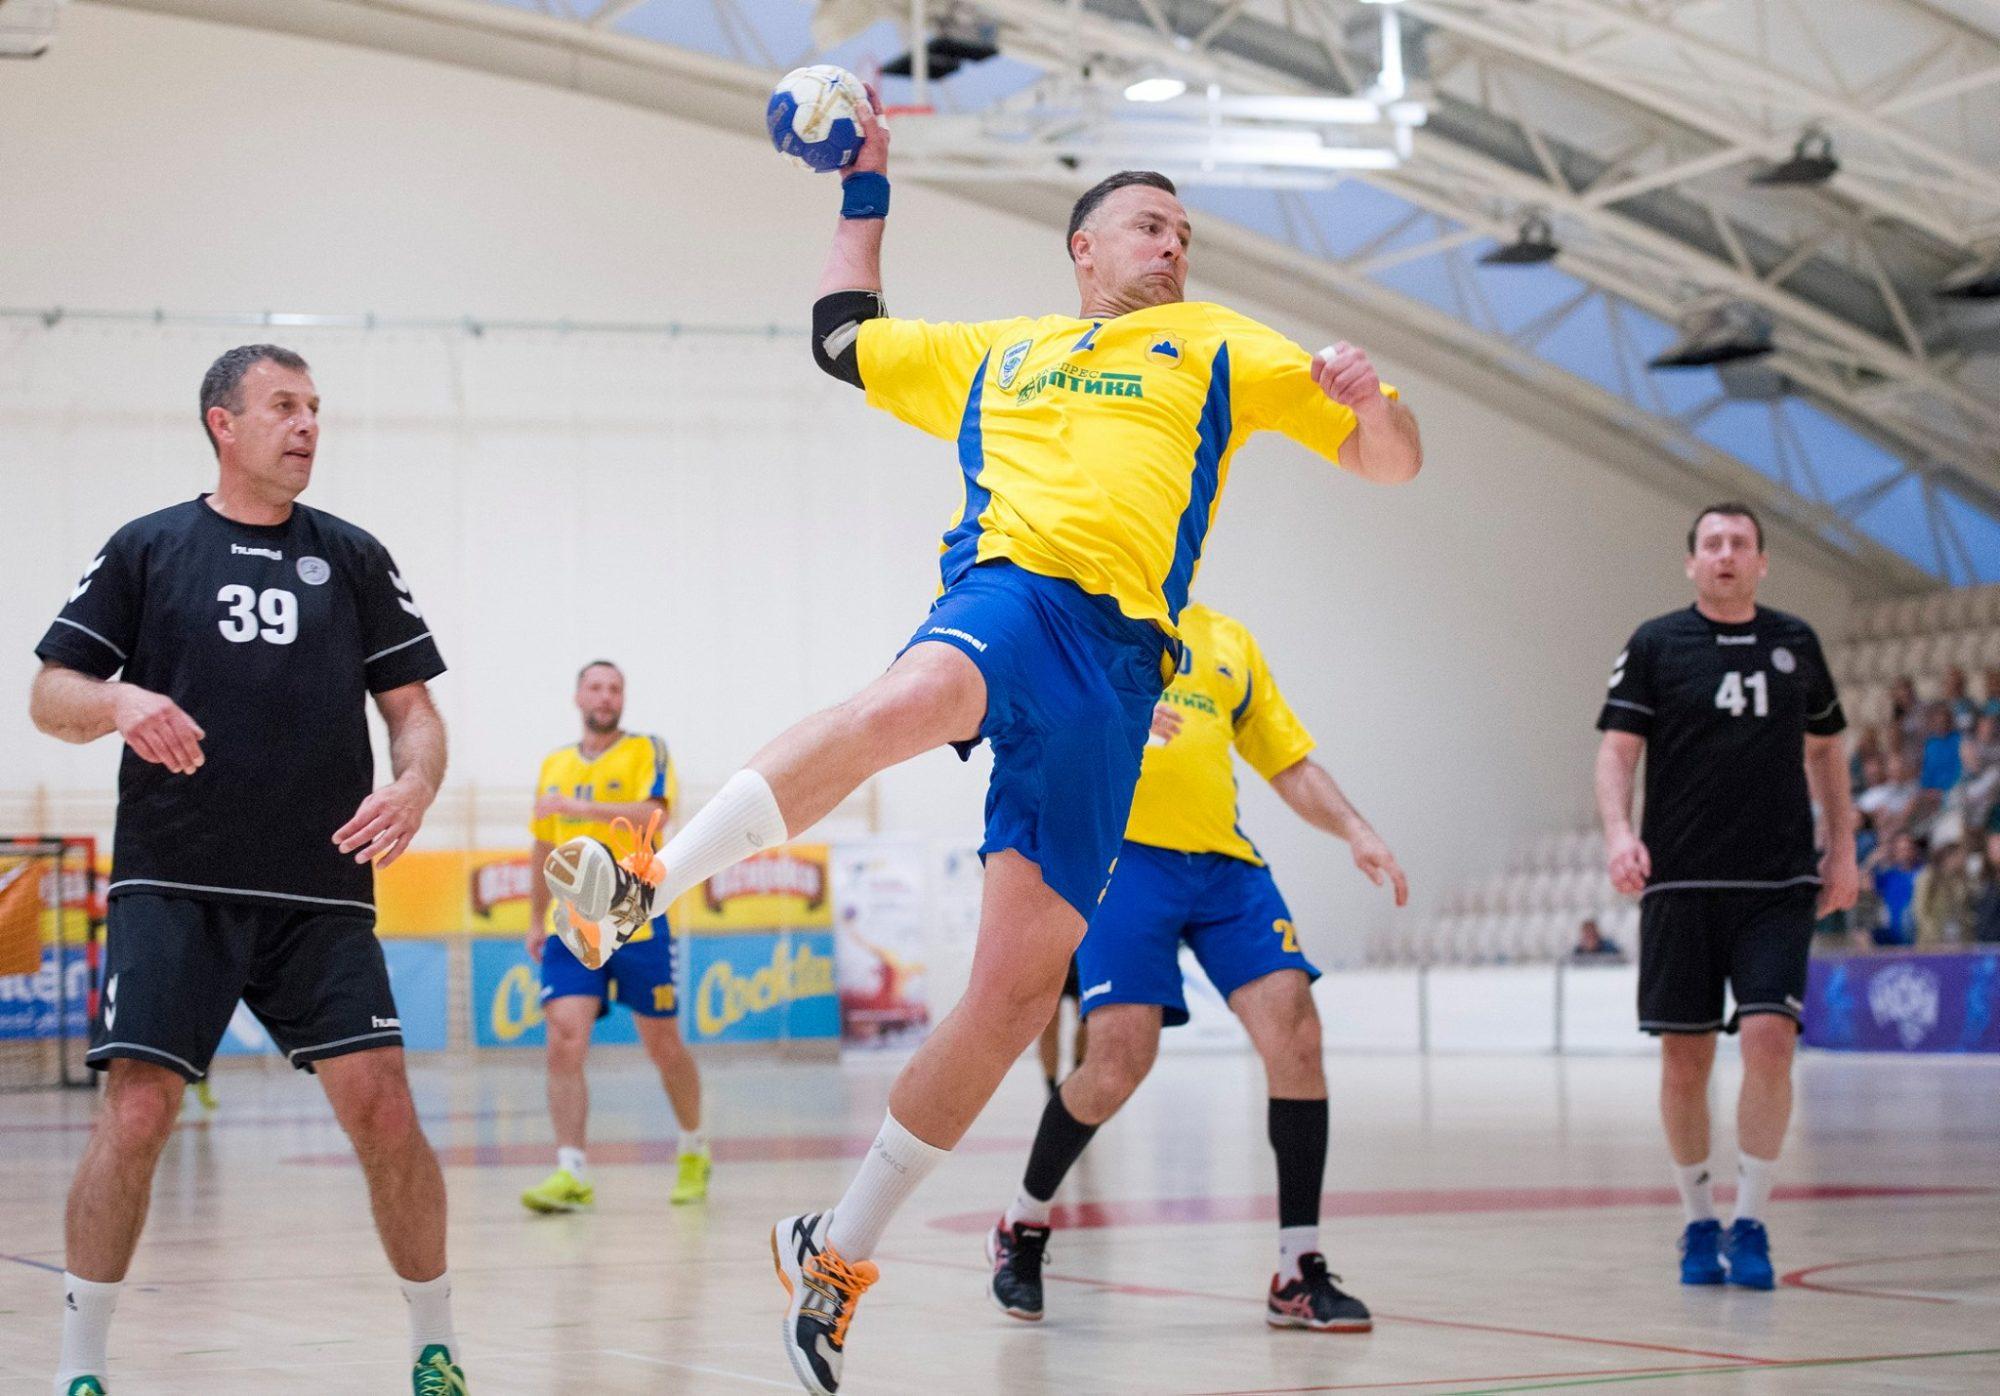 """ГК """"Торнадо"""" з Броварів - переможець """"Masters Handball World Cup"""" -  - 60241937 2427263800651471 5495697421608419328 o 2000x1396"""